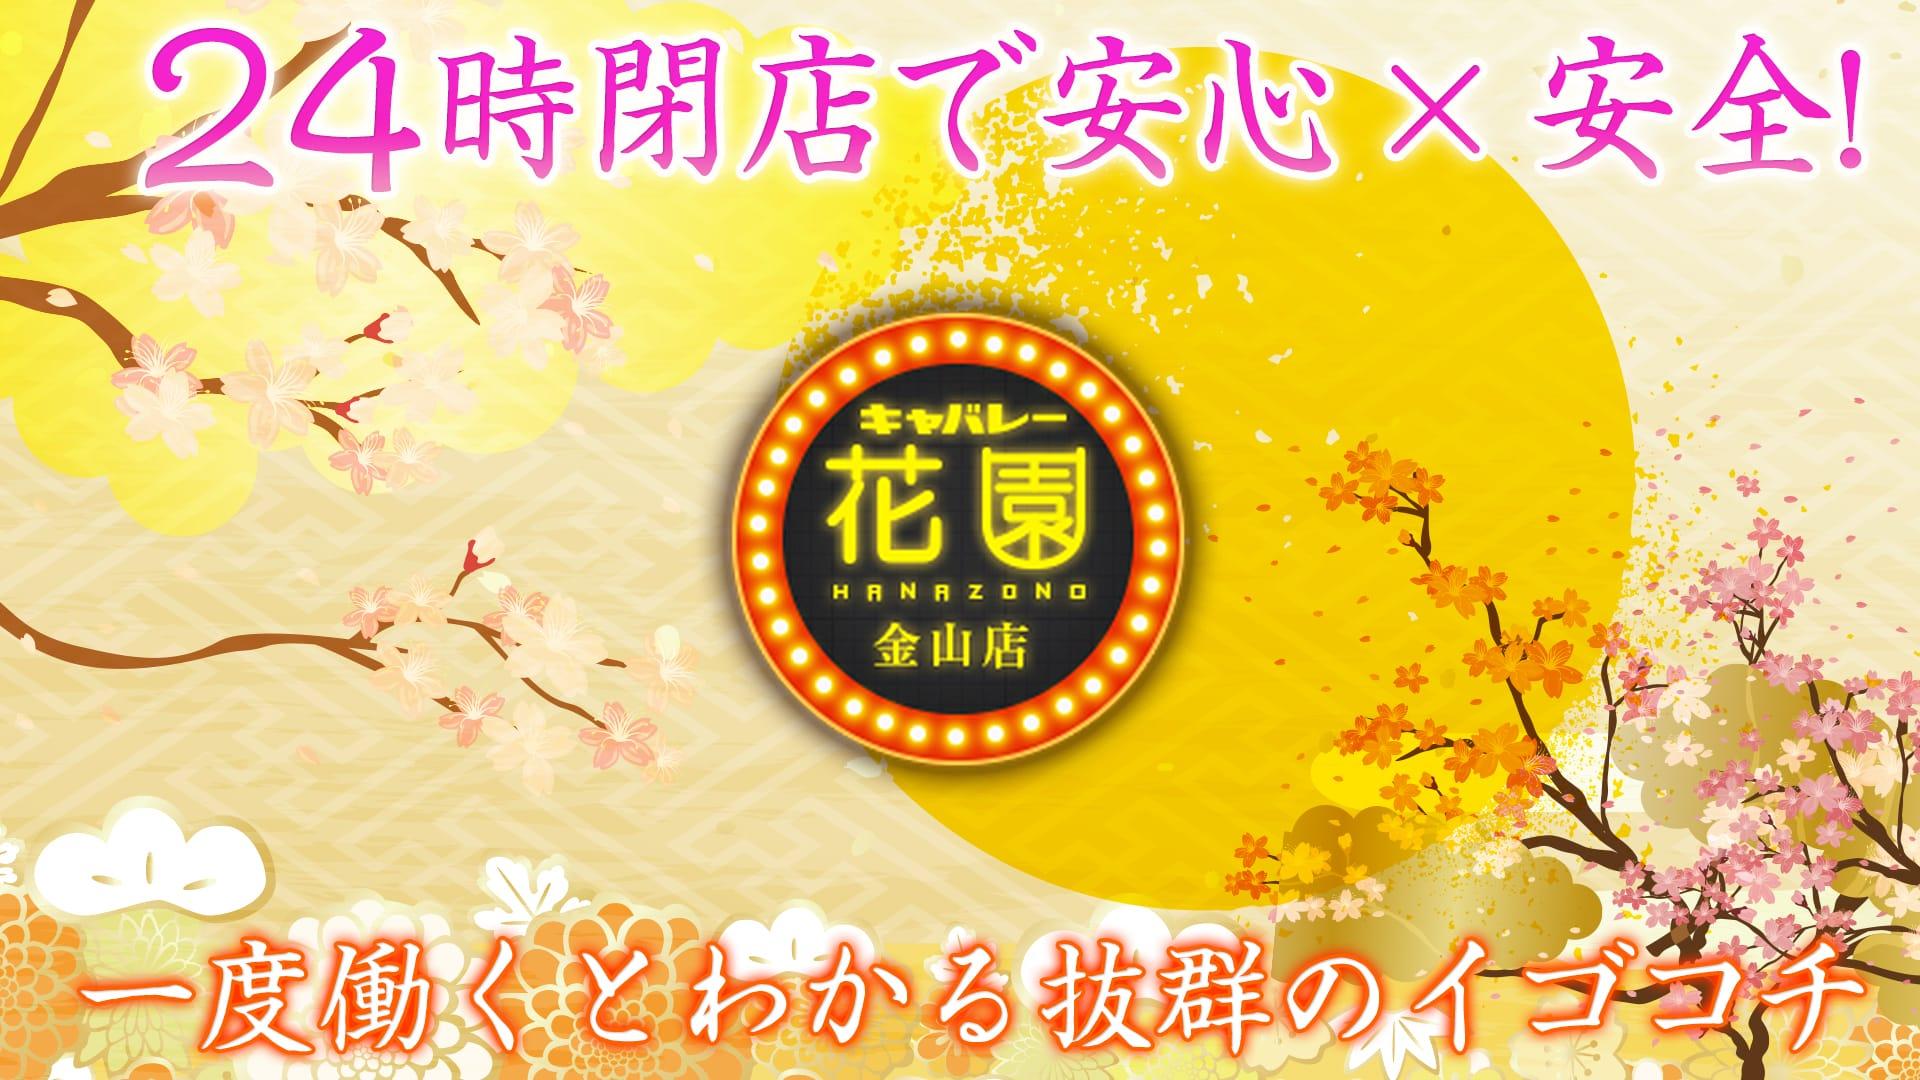 キャバレー花園 金山店 金山キャバクラ TOP画像